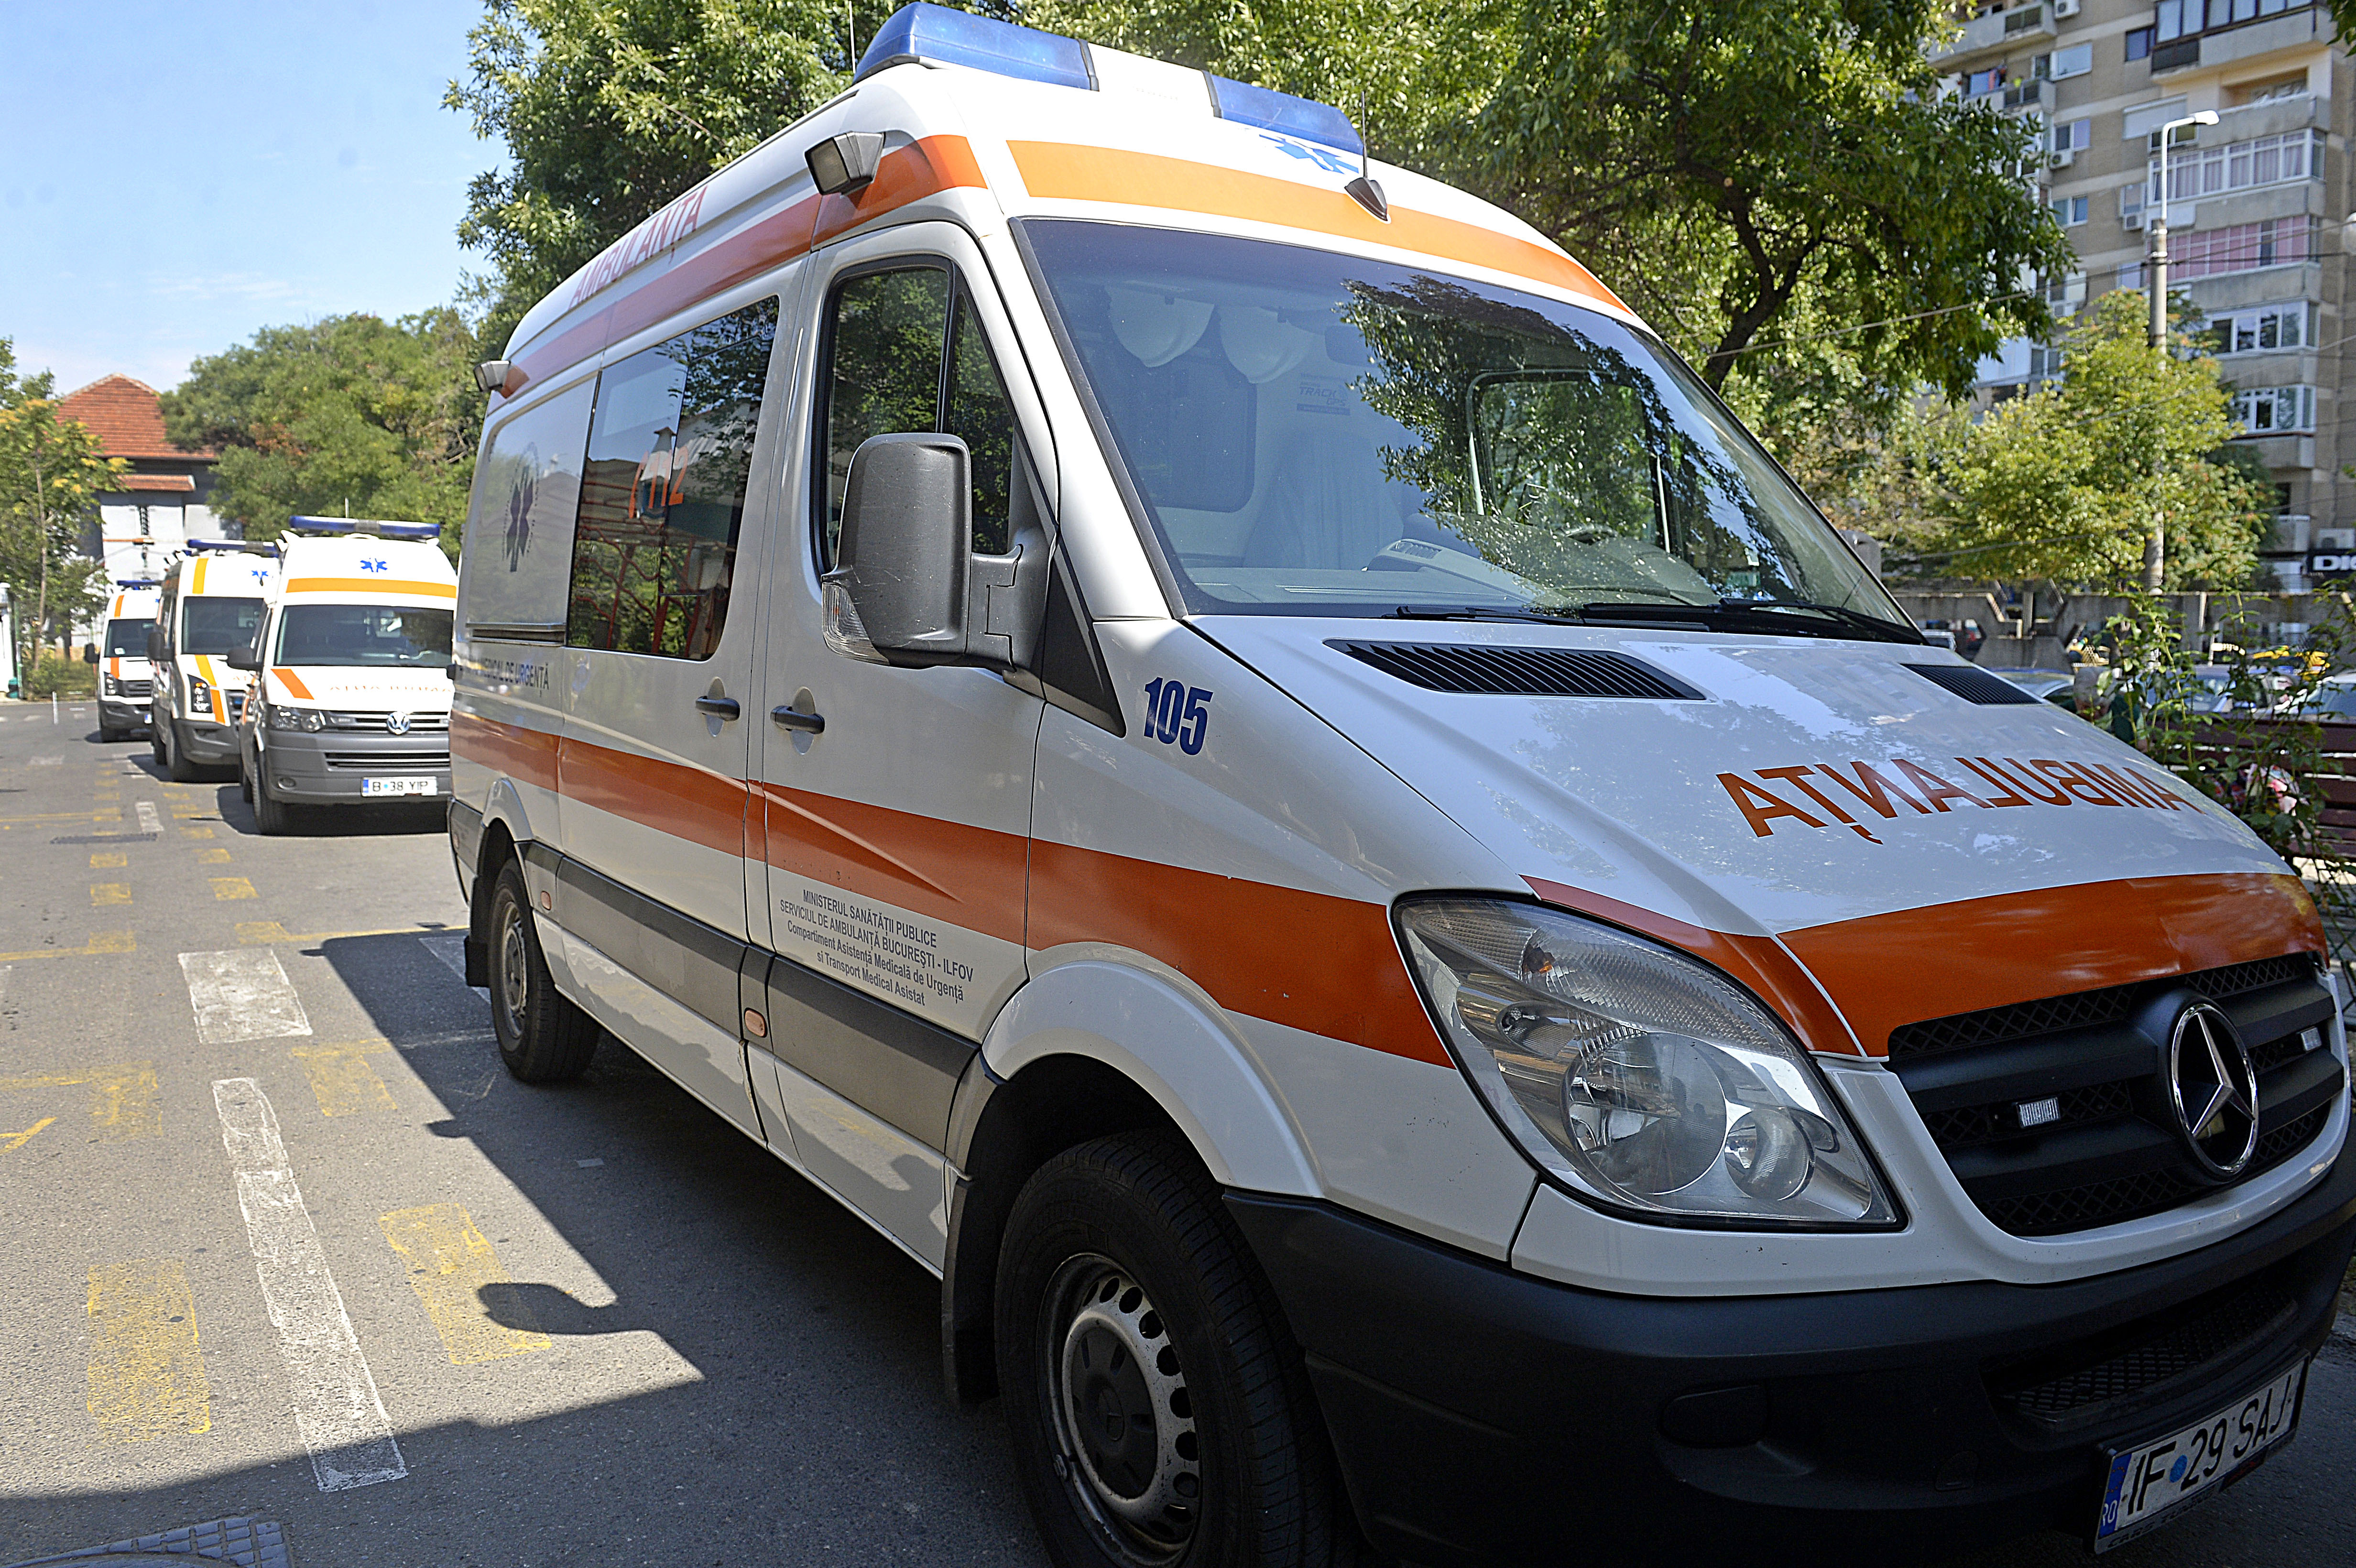 Salvările poartă astăzi afişe de protest. Reprezentanţii serviciilor de Ambulanţă poartă discuţii la Guvern cu Ciolacu şi Bodog